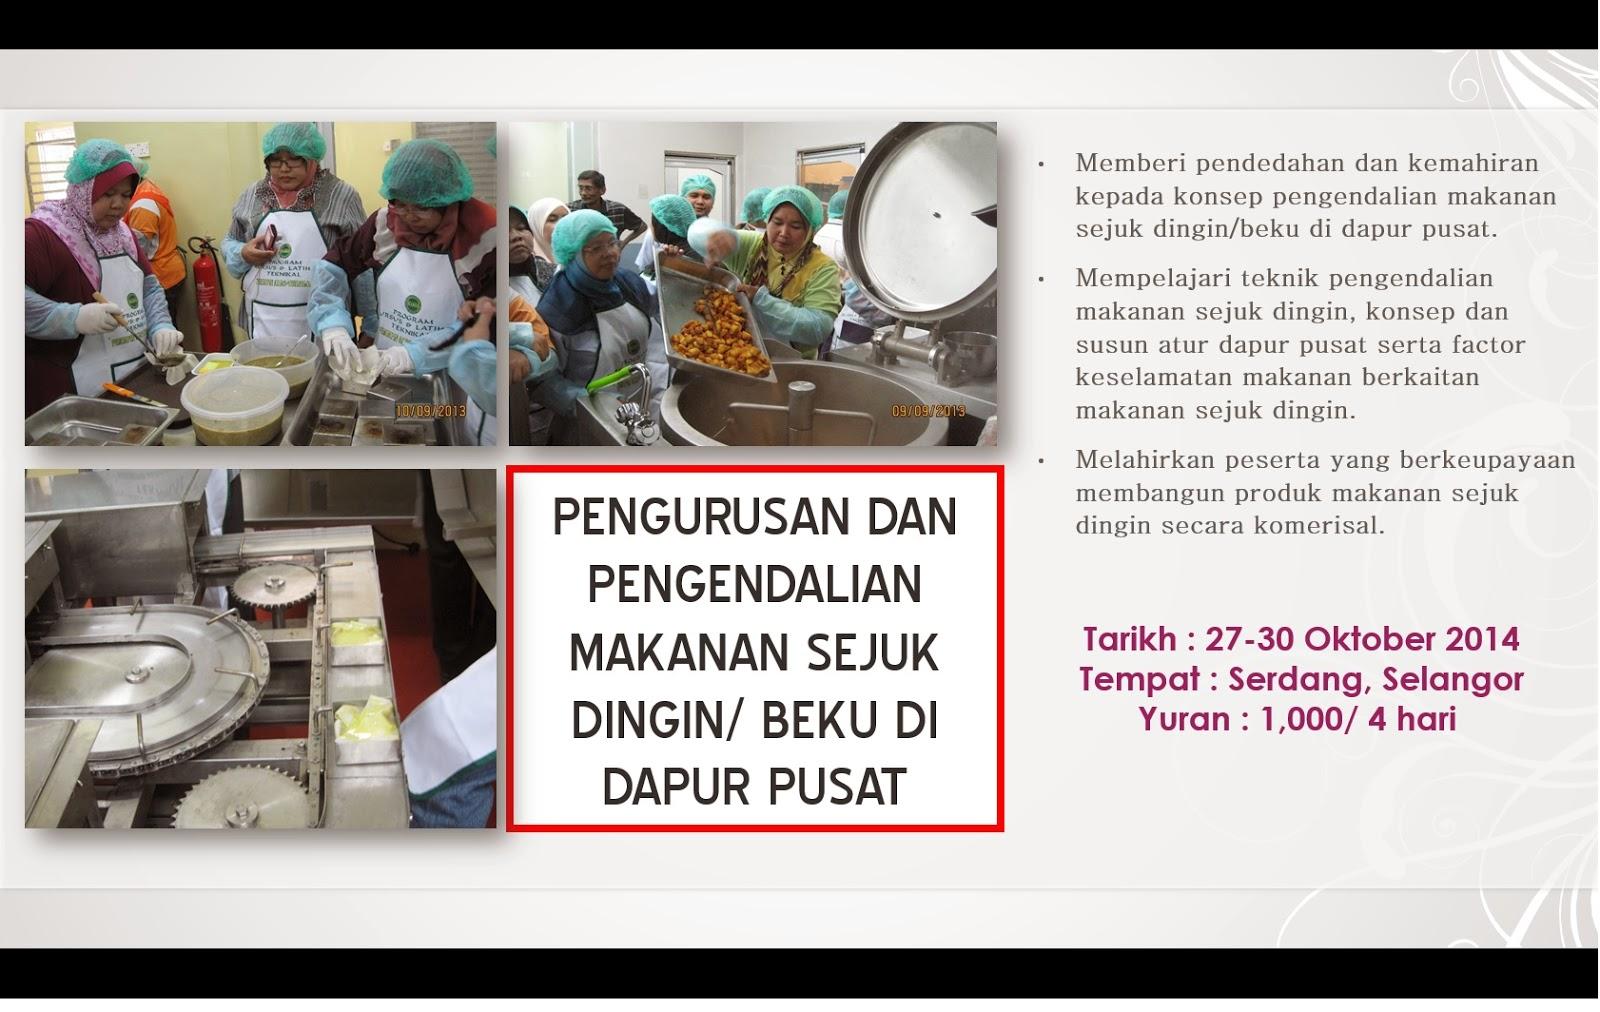 Kursus Pengurusan Dan Pengendalian Makanan Sejuk Dingin Beku Di Dapur Pusat